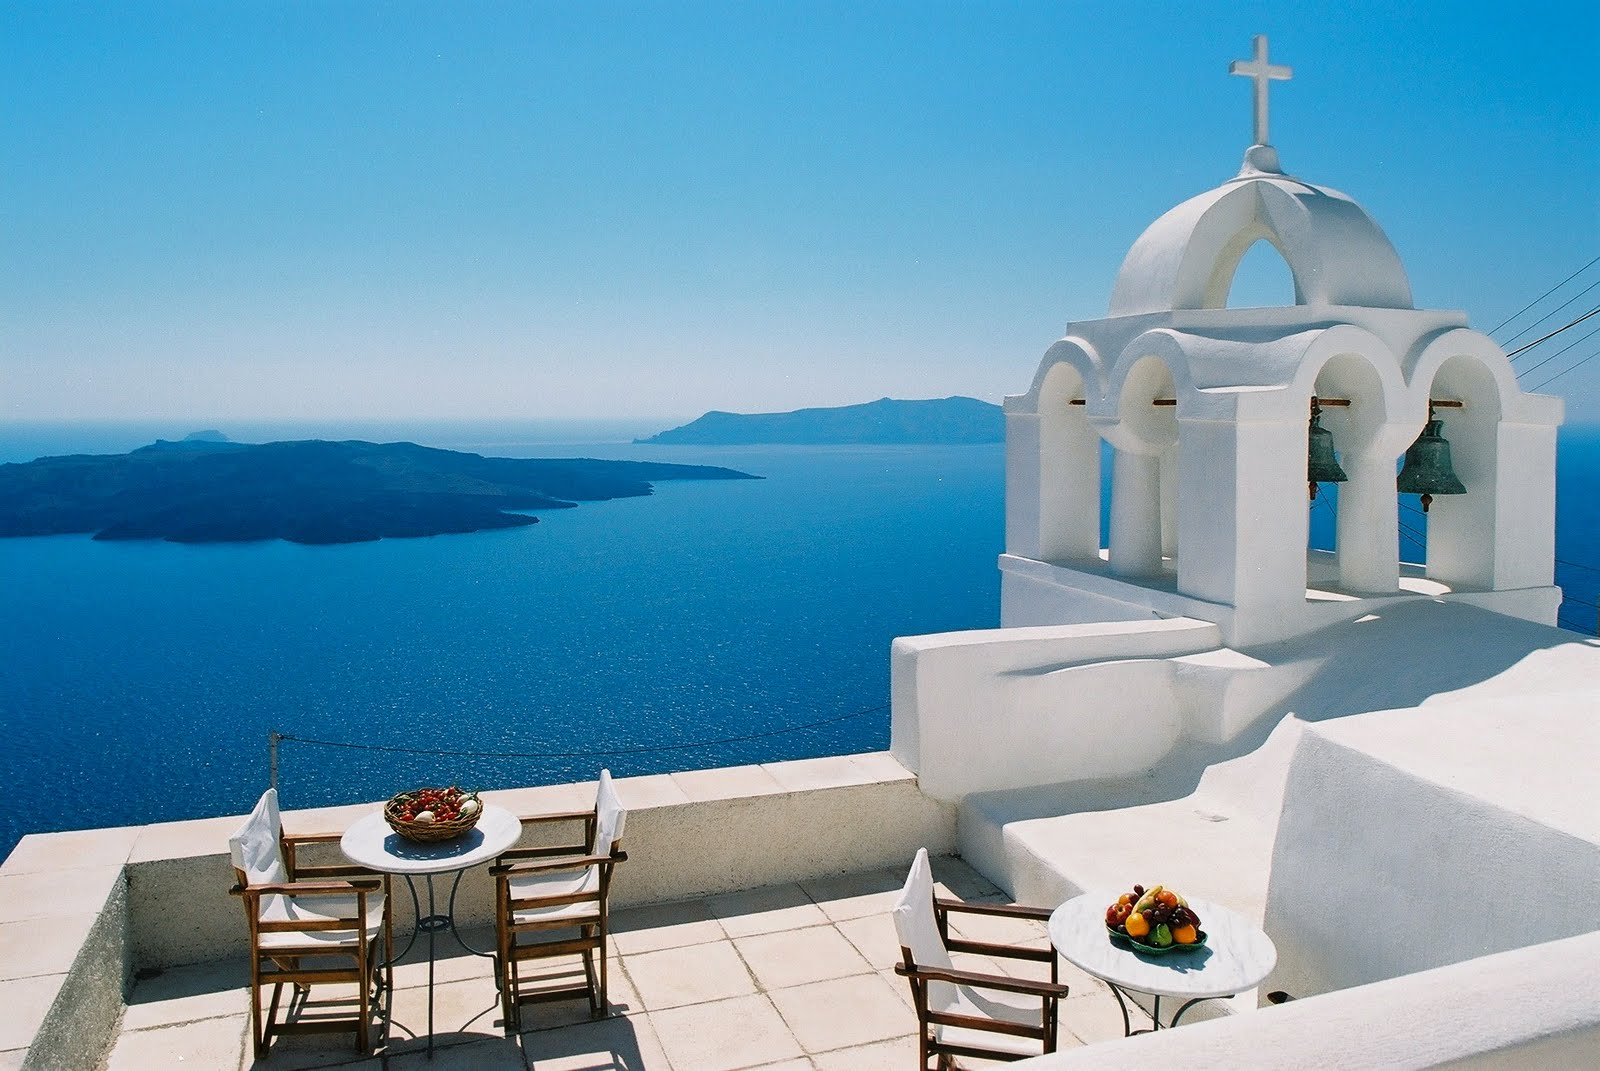 Ποιο είναι το πιο μαγευτικό μέρος στη γη...; - Σελίδα 7 Santorini_Greece9